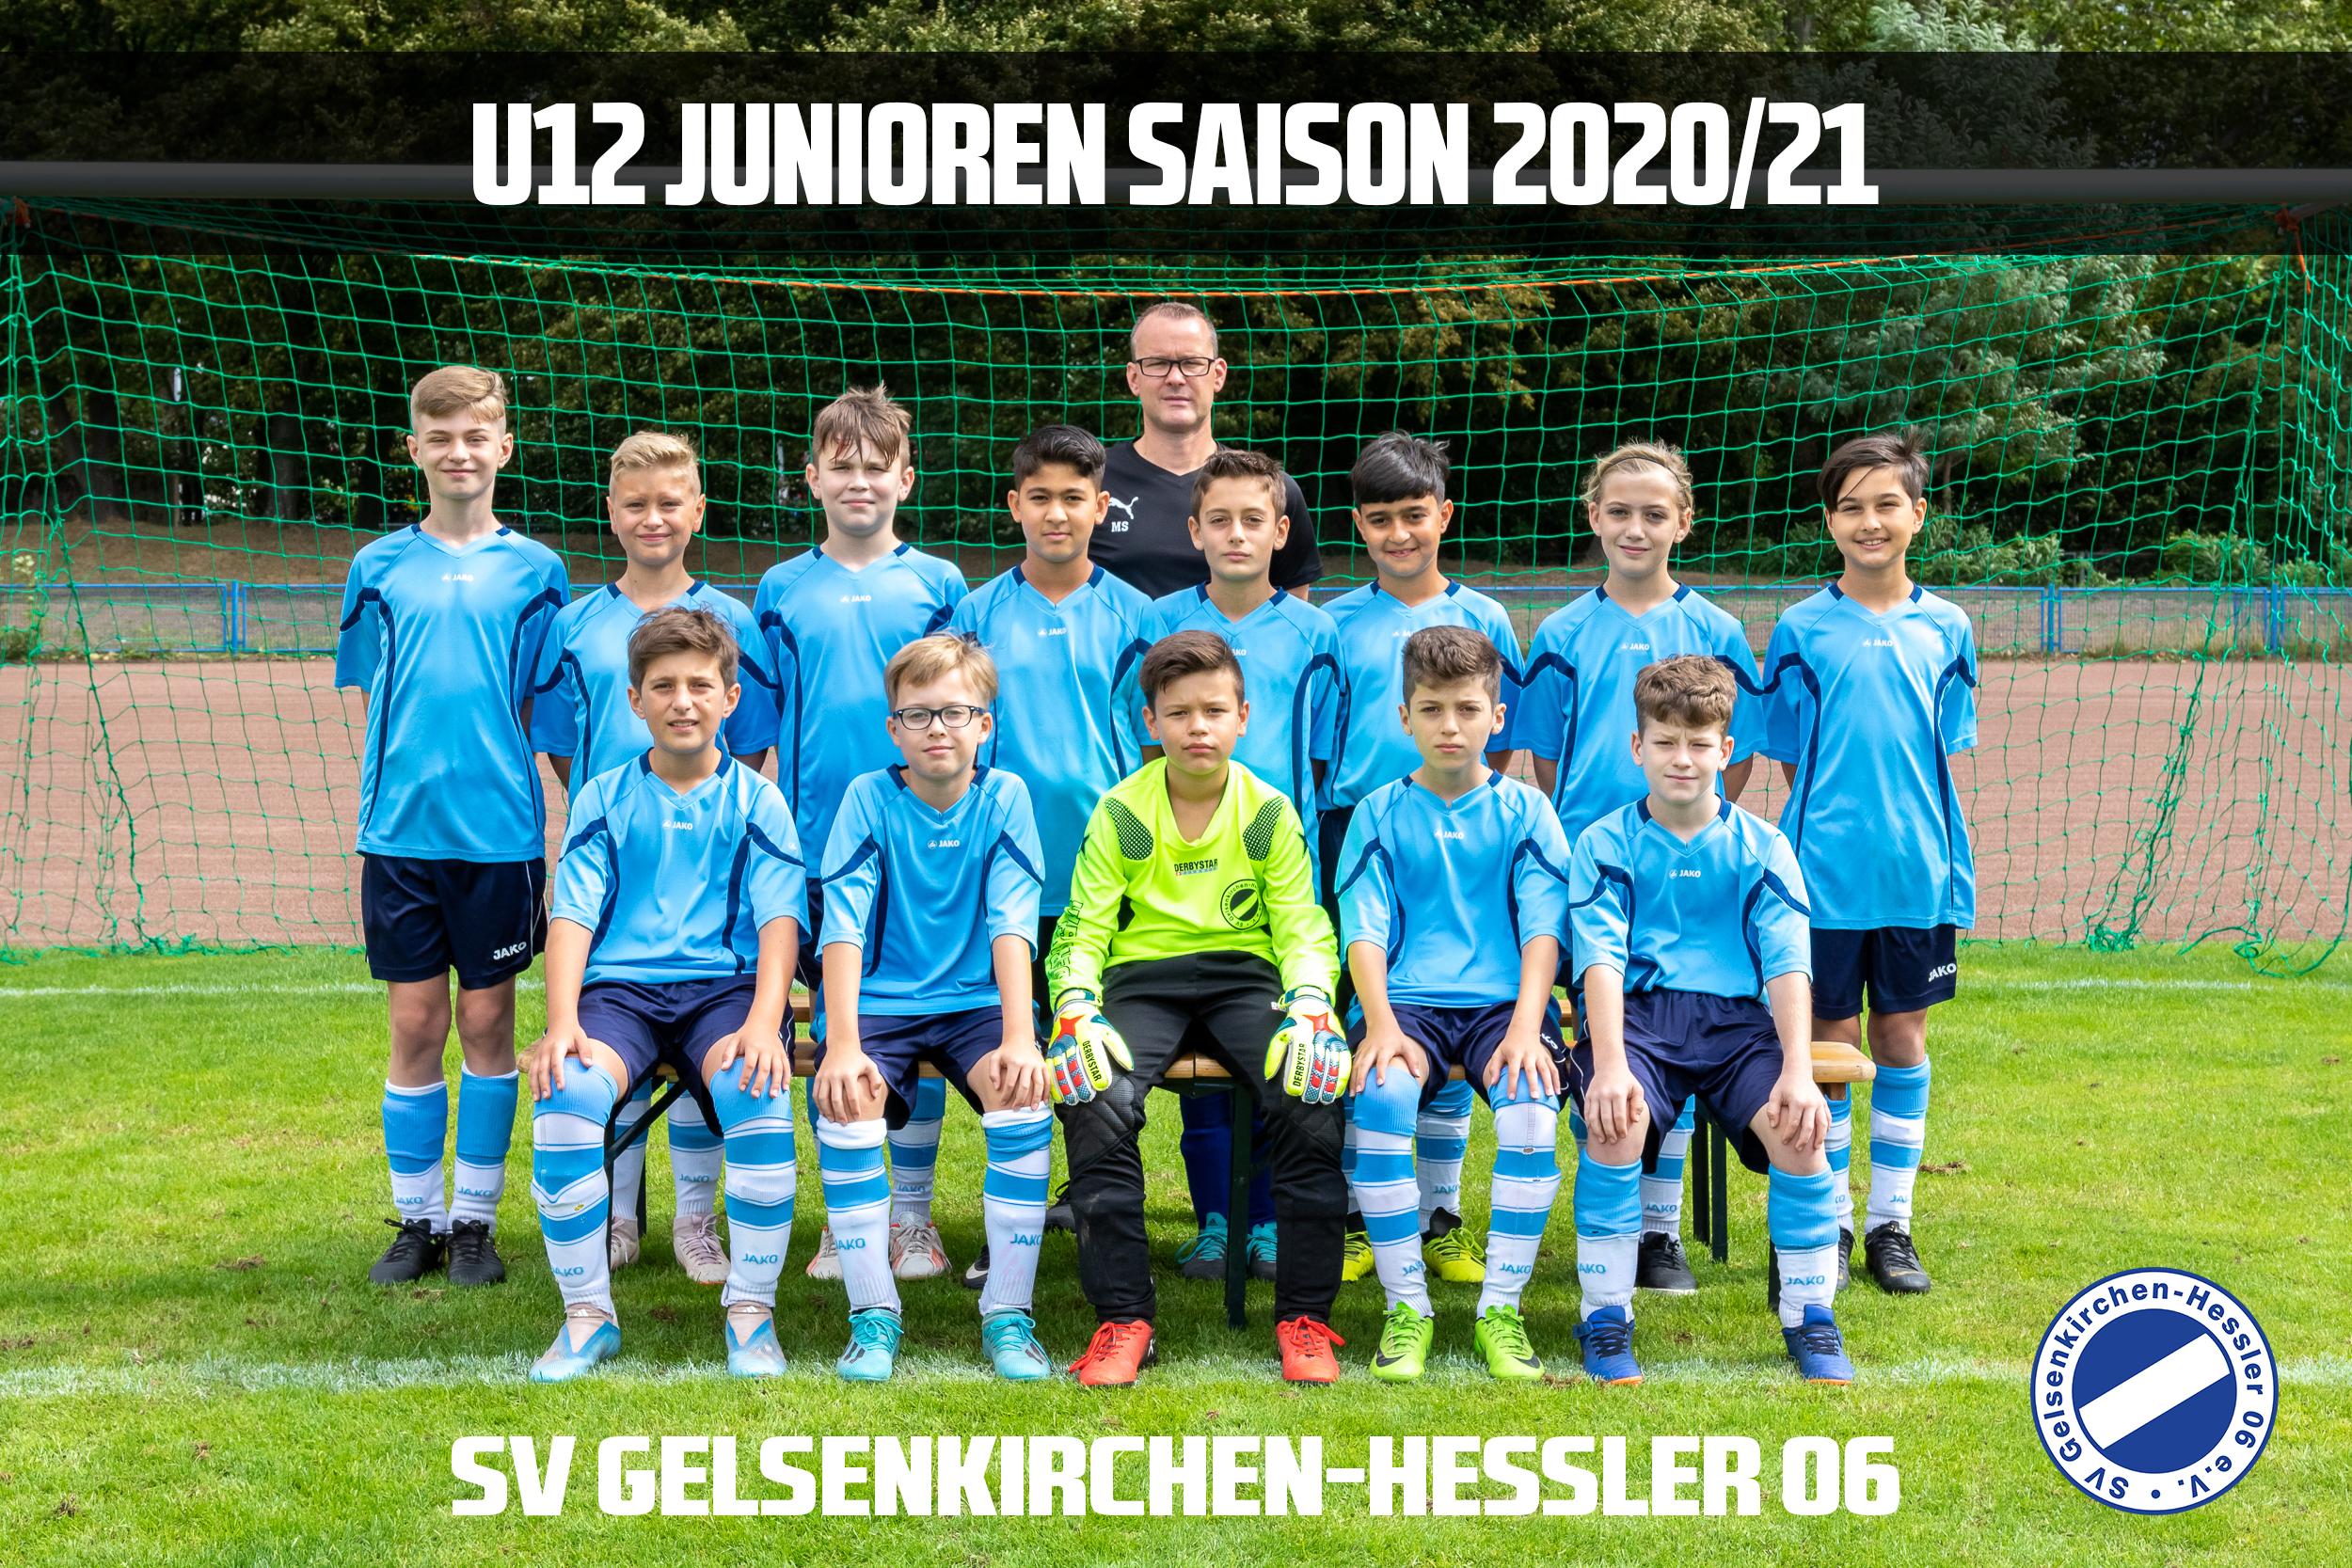 Hessler 06